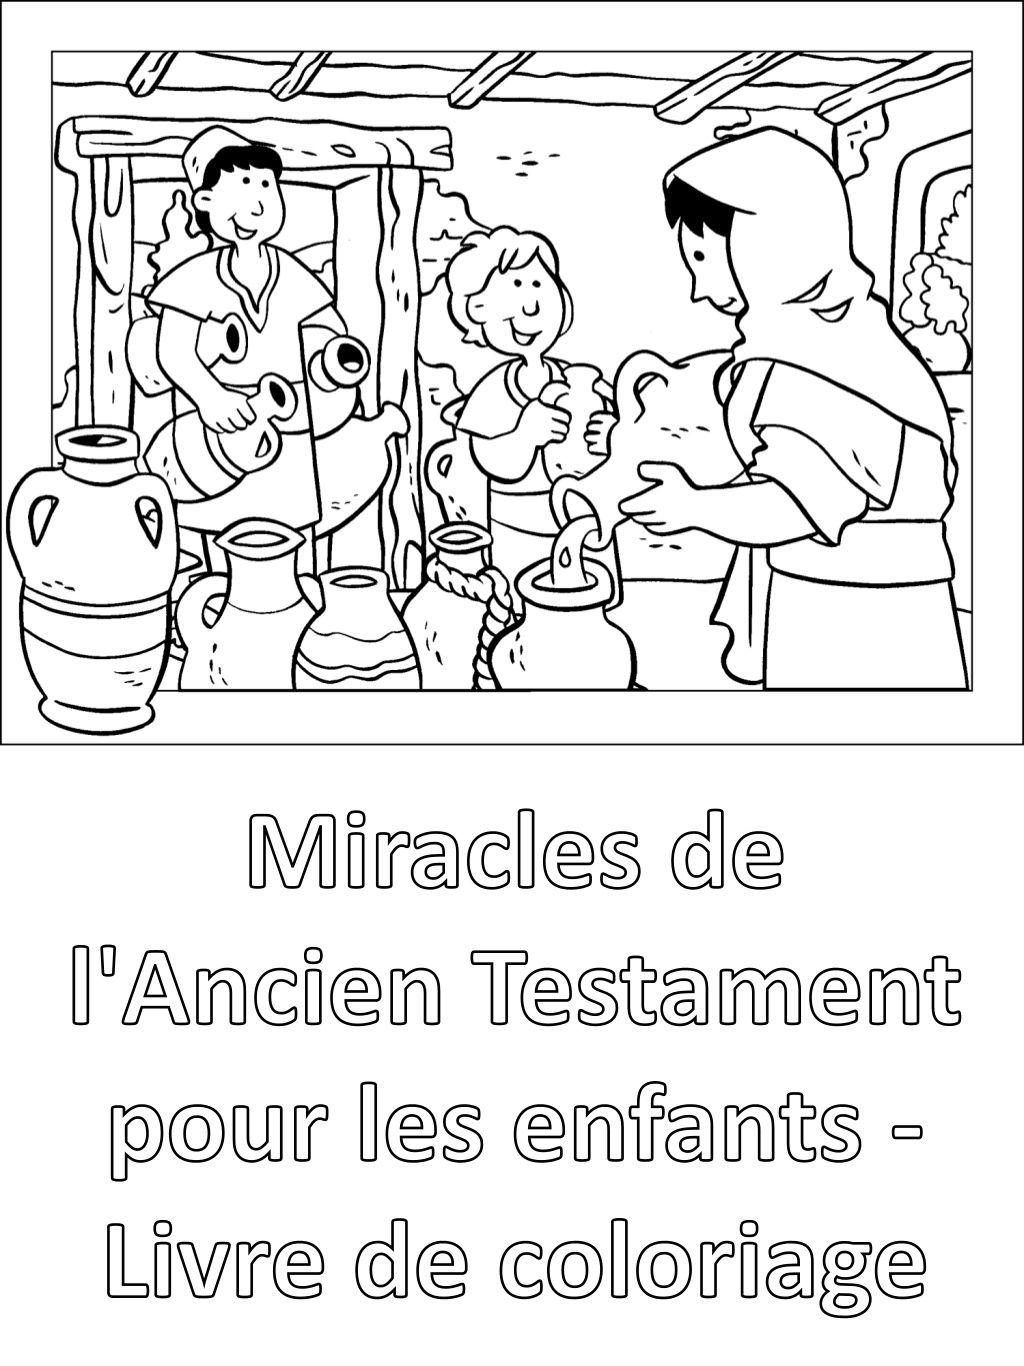 Miracles de l Ancien Testament pour les enfants livre de coloriage Pri¨res